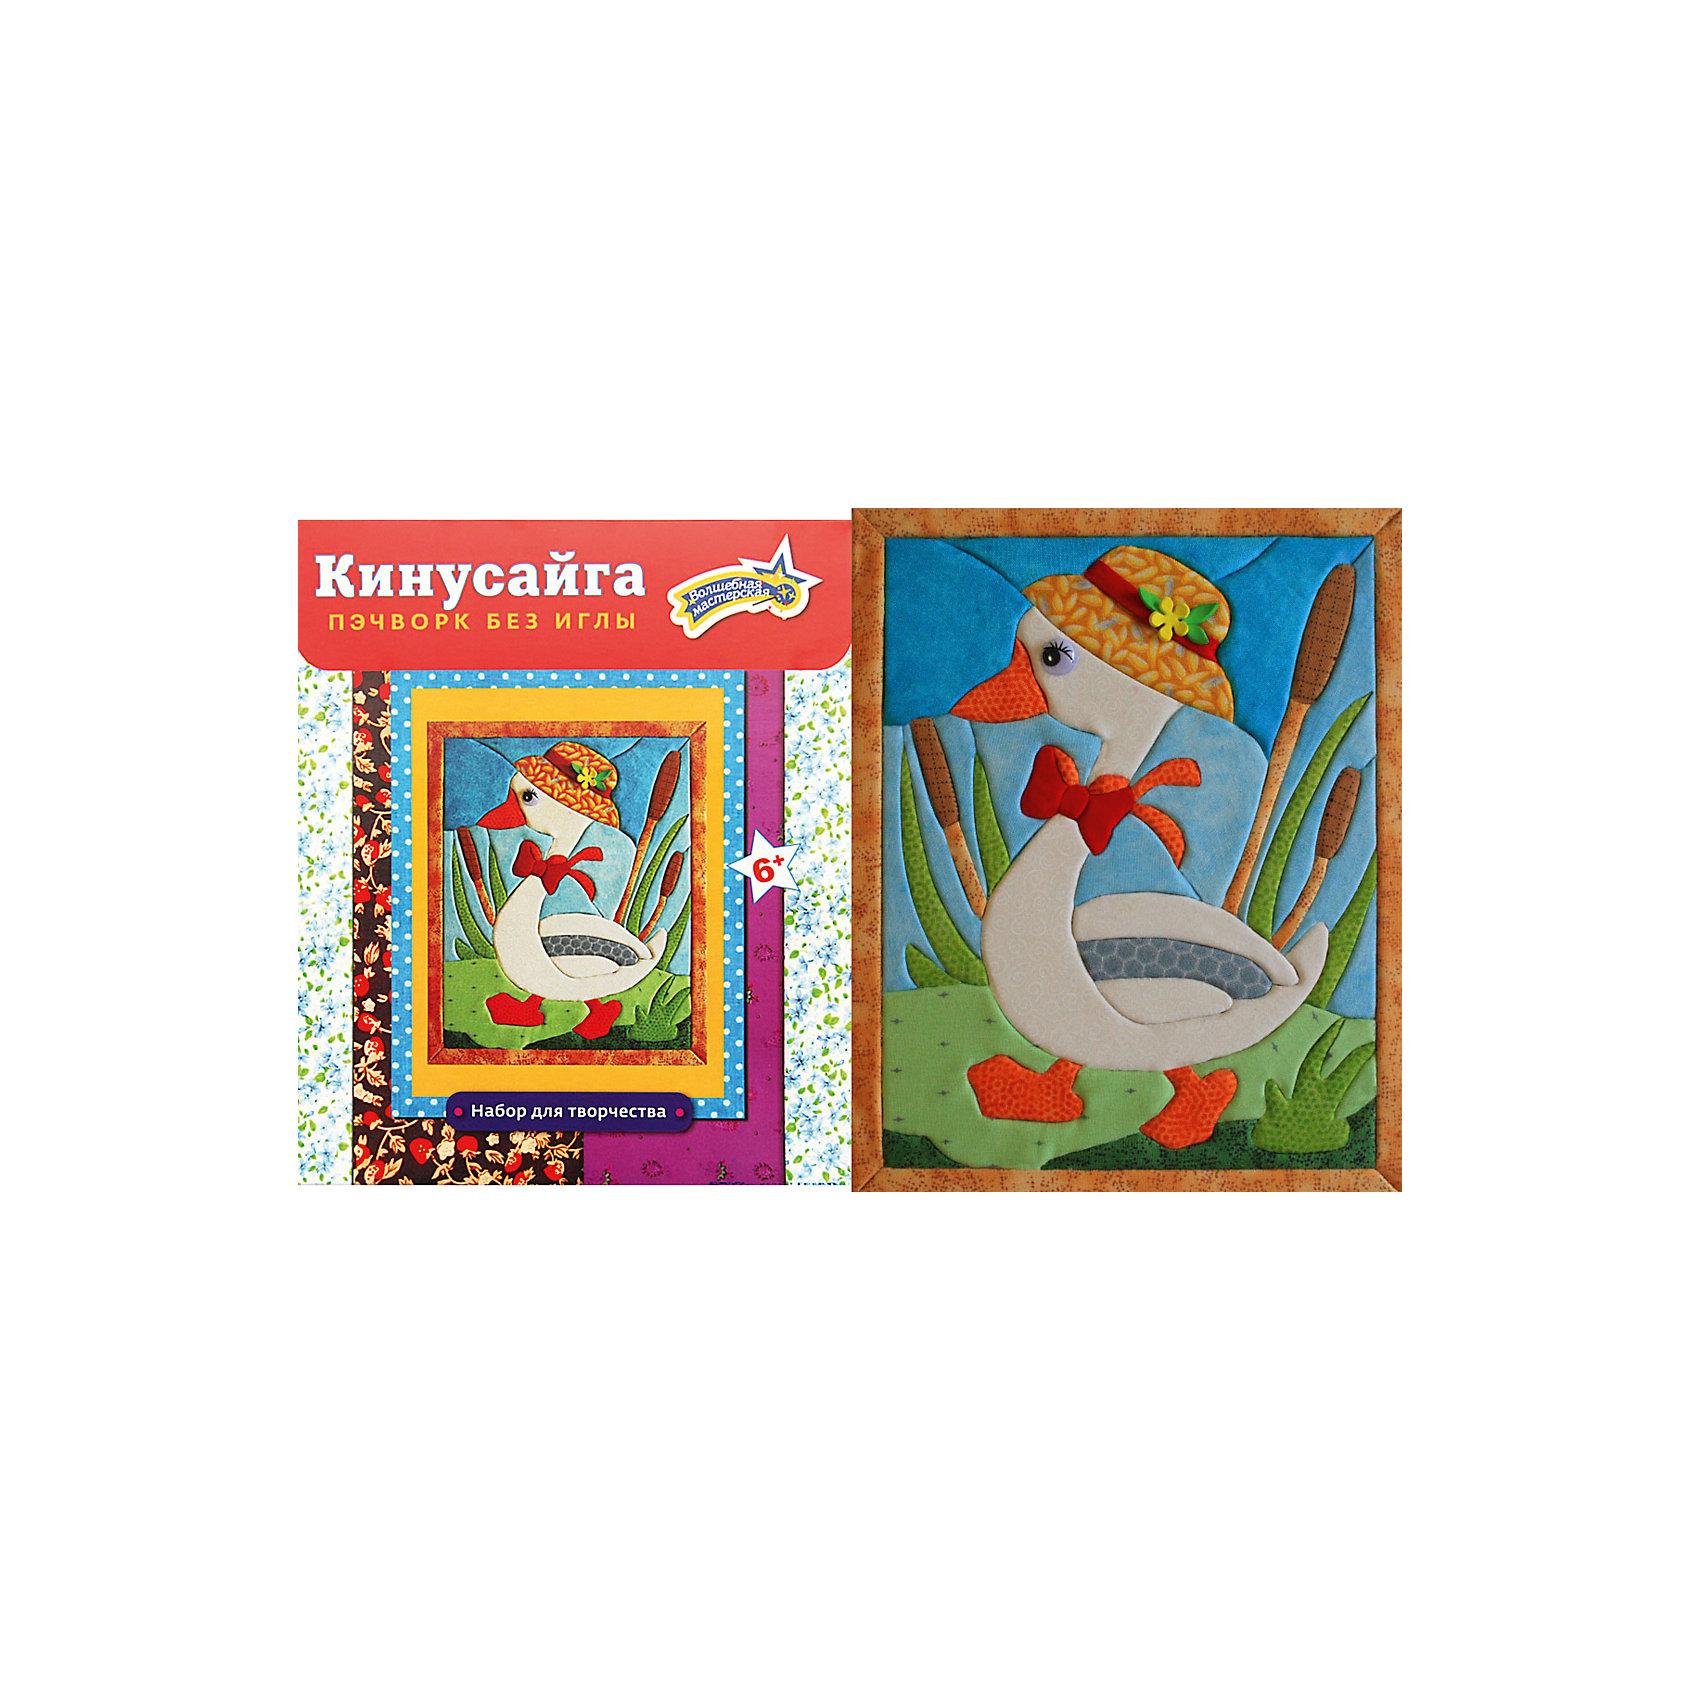 Набор для тв-ва Кинусайга ГусьМозаика<br>Кинусайга или как ее еще называют пэчворк без иглы - техника рукоделия, зародившаяся на Востоке, в Японии. Это необыкновенный способ создания картин, не требующий применения иголки. Использовать данную технику можно практически во всем: в создании панно, шкатулок, игрушек, предметов интерьера. Лоскутная мозаика получила необыкновенную популярность во всем мире, нашла своих поклонников. Надеемся, она не оставит и вас равнодушными, порадует своей простотой исполнения, красотой, оригинальностью. Гусь станет хорошим подарком друзьям и близким.<br><br>Ширина мм: 190<br>Глубина мм: 230<br>Высота мм: 20<br>Вес г: 120<br>Возраст от месяцев: 36<br>Возраст до месяцев: 108<br>Пол: Унисекс<br>Возраст: Детский<br>SKU: 5075376